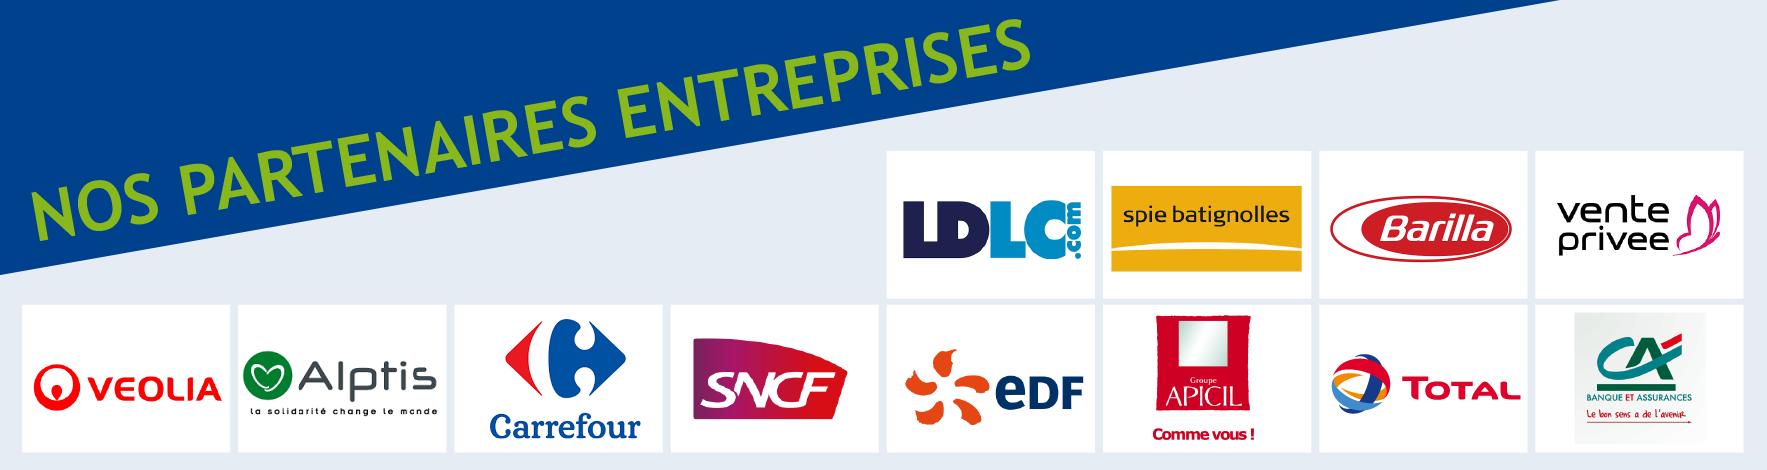 bandeau-partenaires-entreprises-2016-10